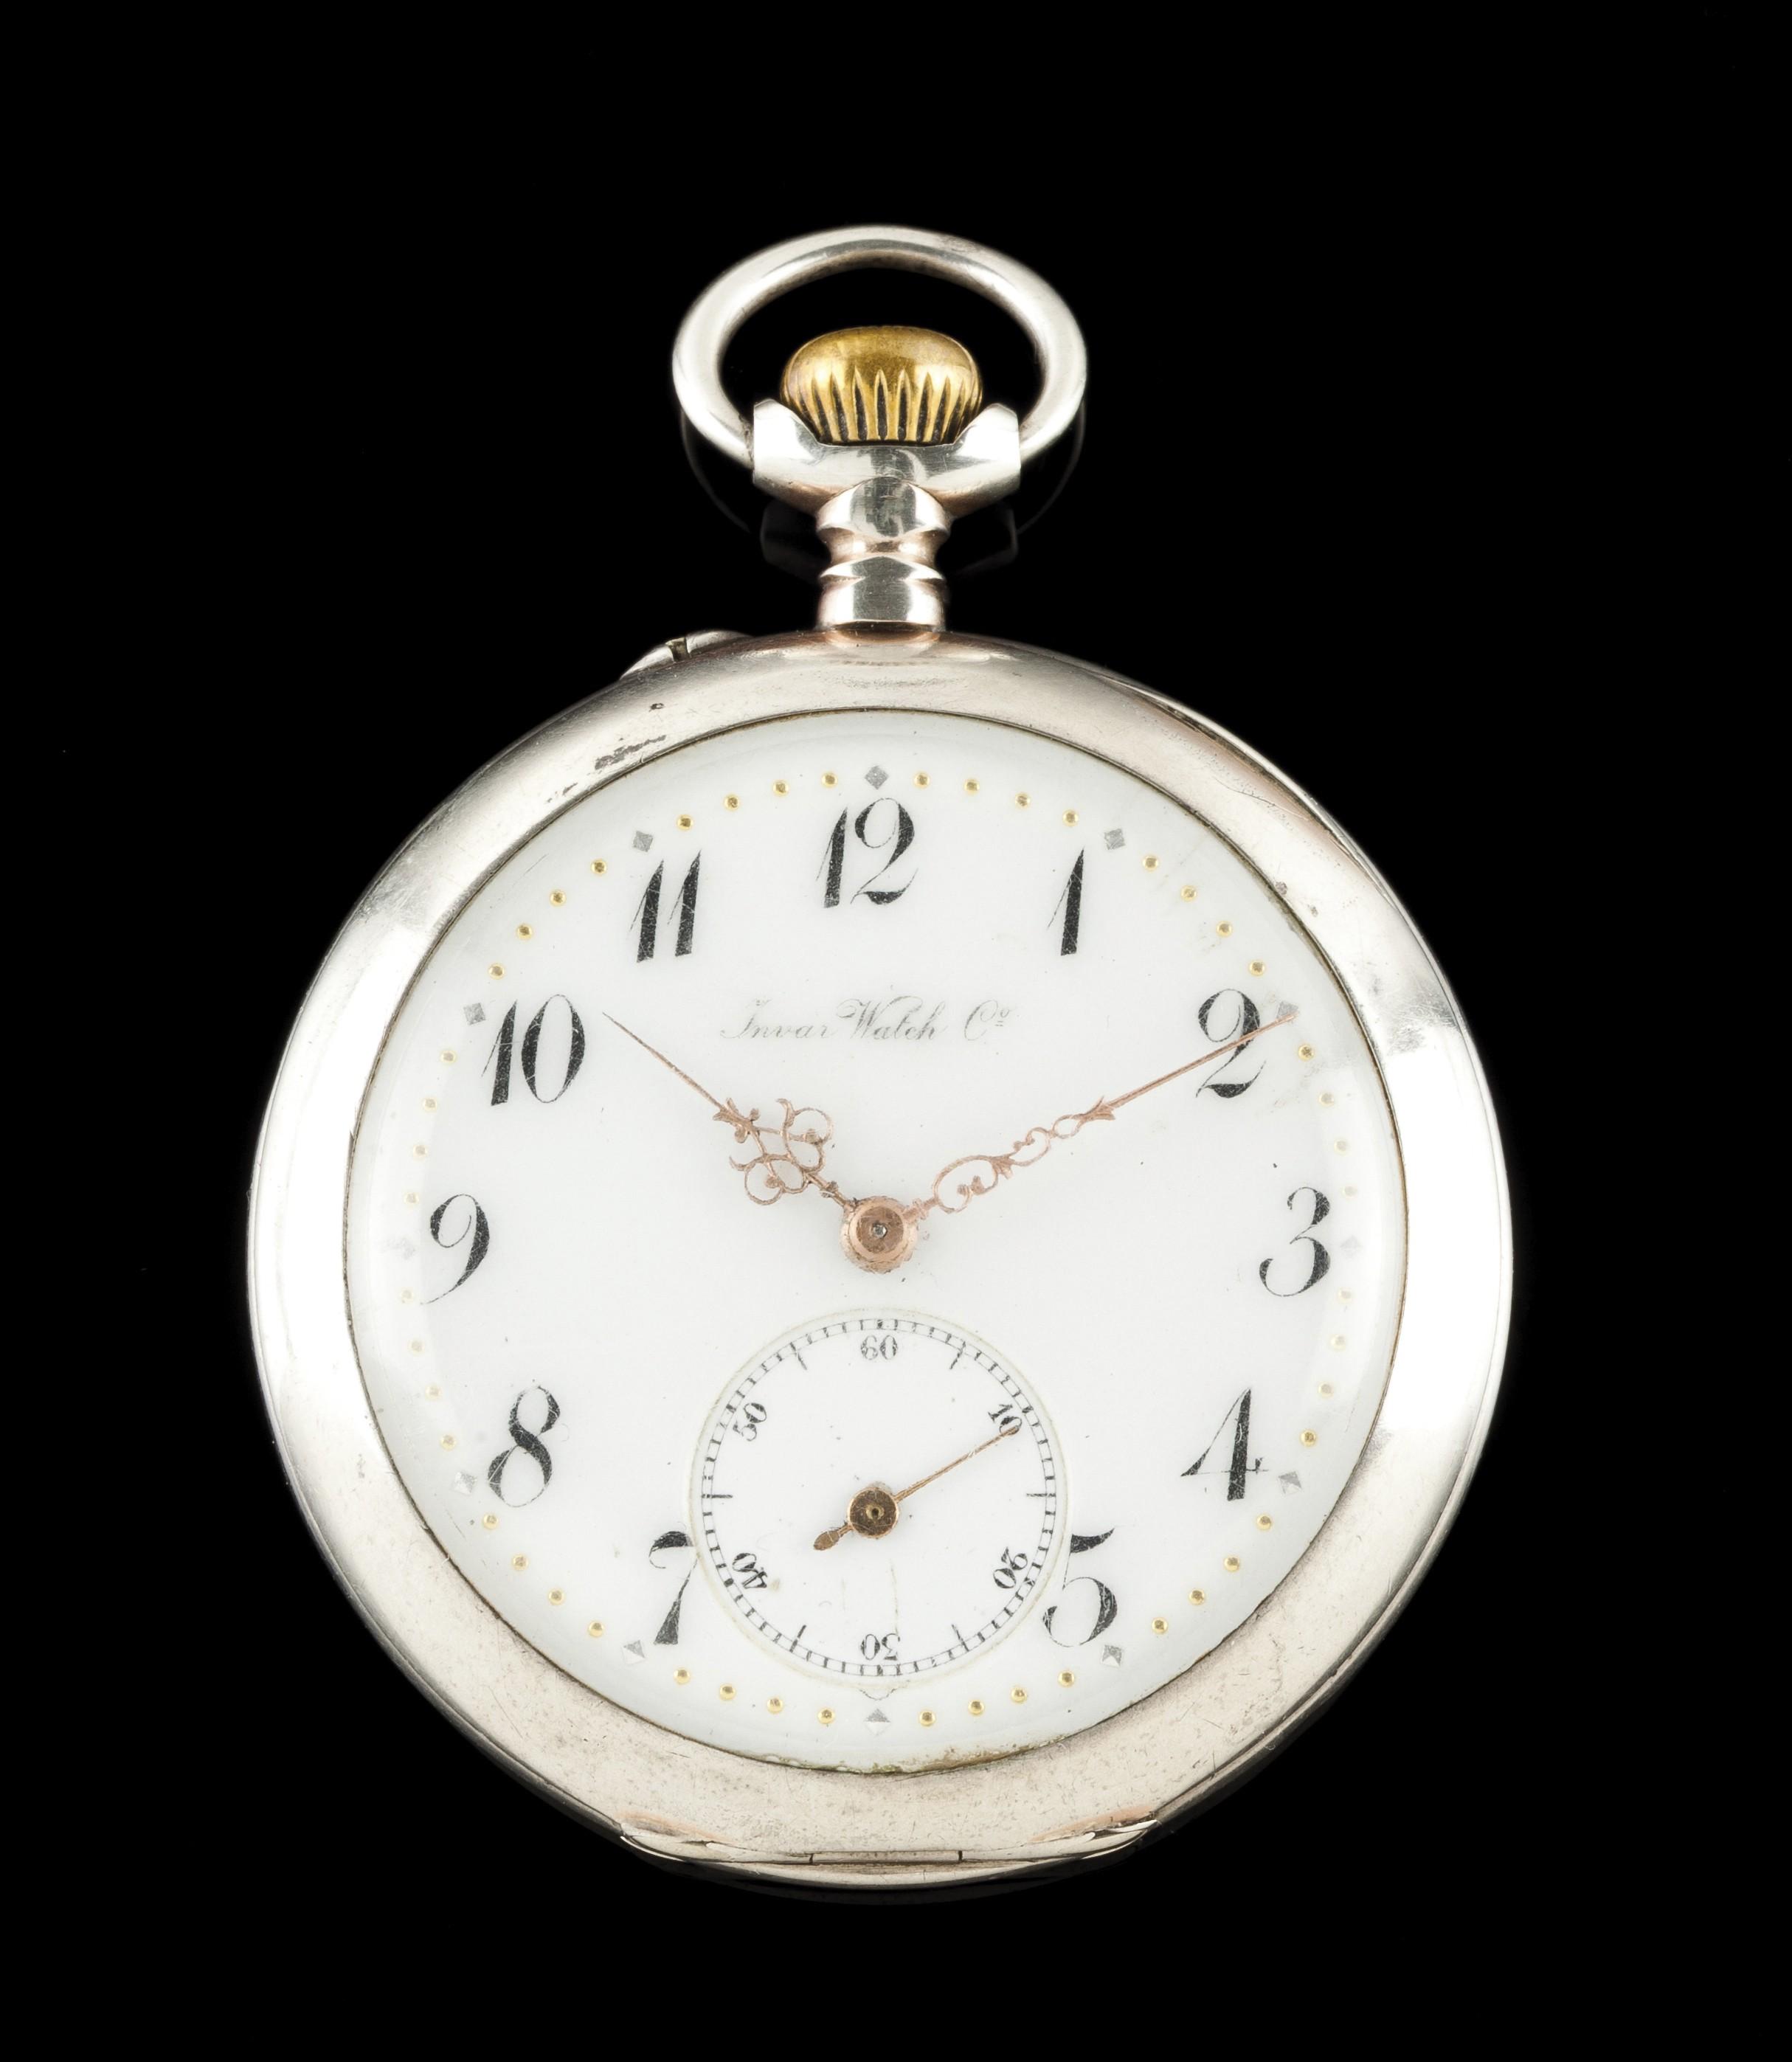 Relógio de bolso Invar